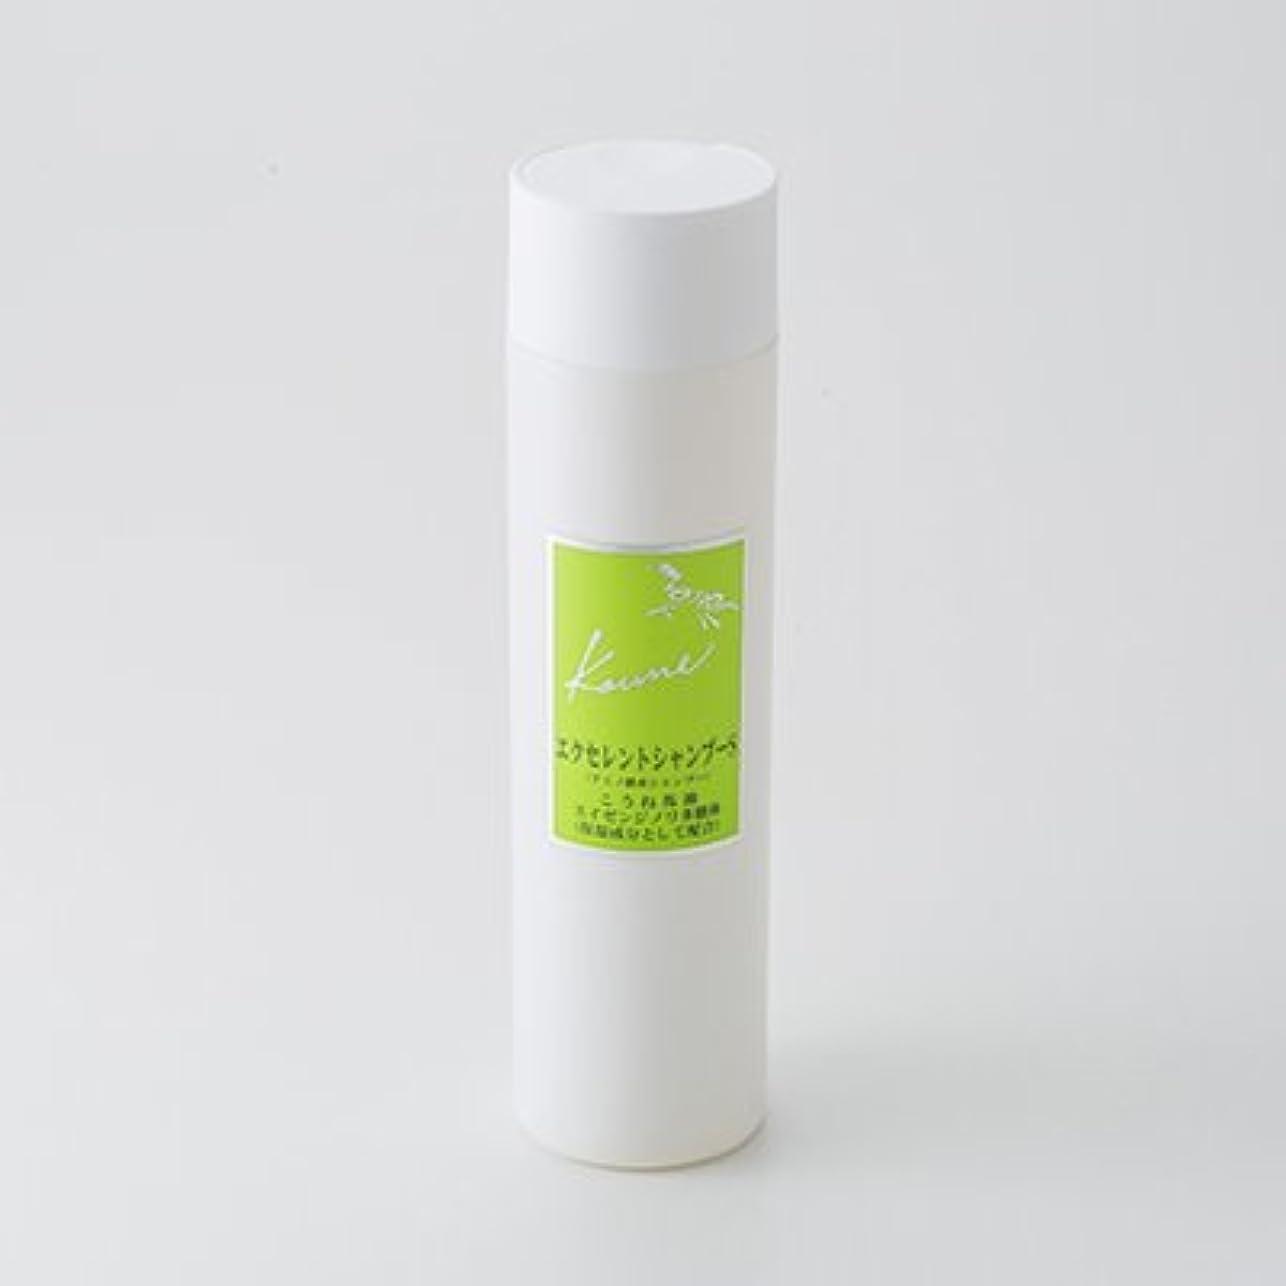 派生する分子爆発物こうねエクセレントシャンプーS(2本セット) 福岡県 髪のハリ?コシがよみがえる馬油シャンプー